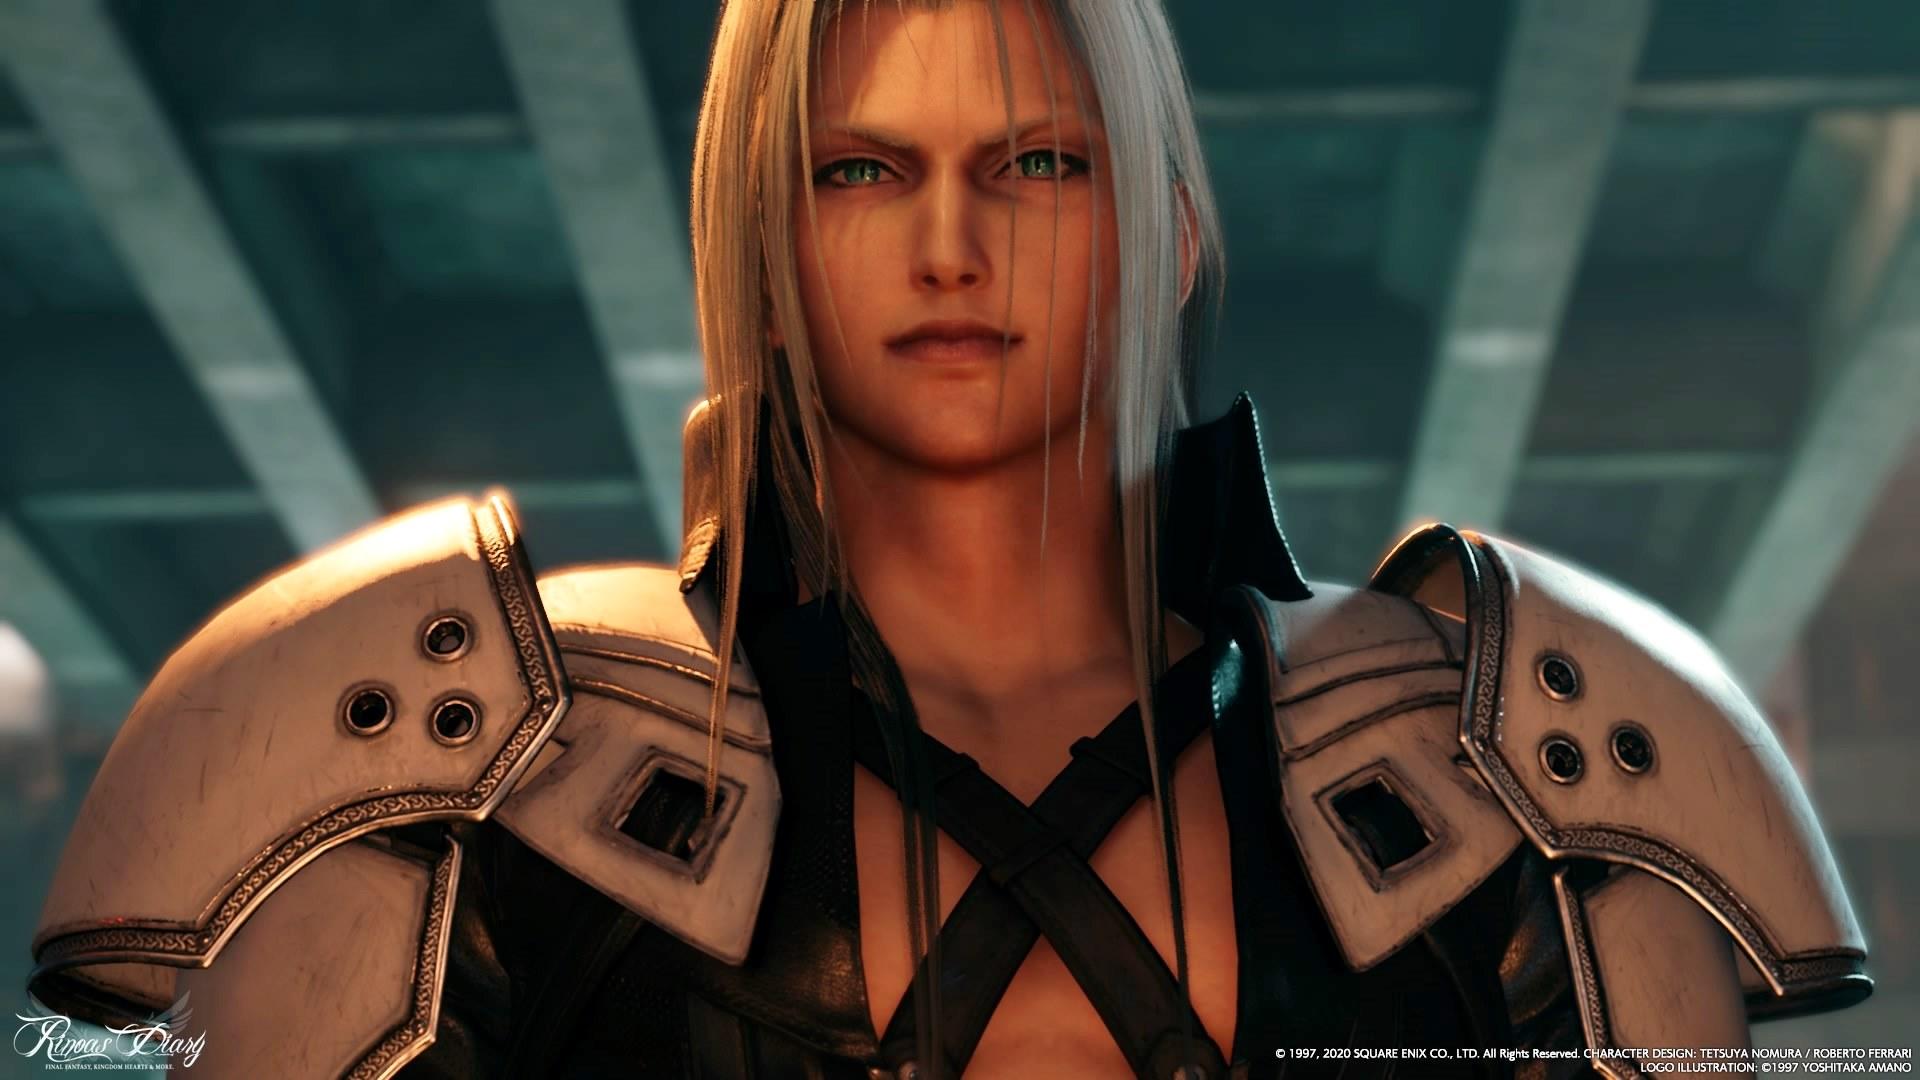 Final Fantasy VII Remake Ultimania – Cosa ci riserva il futuro? (intervista agli sviluppatori, parte 5)